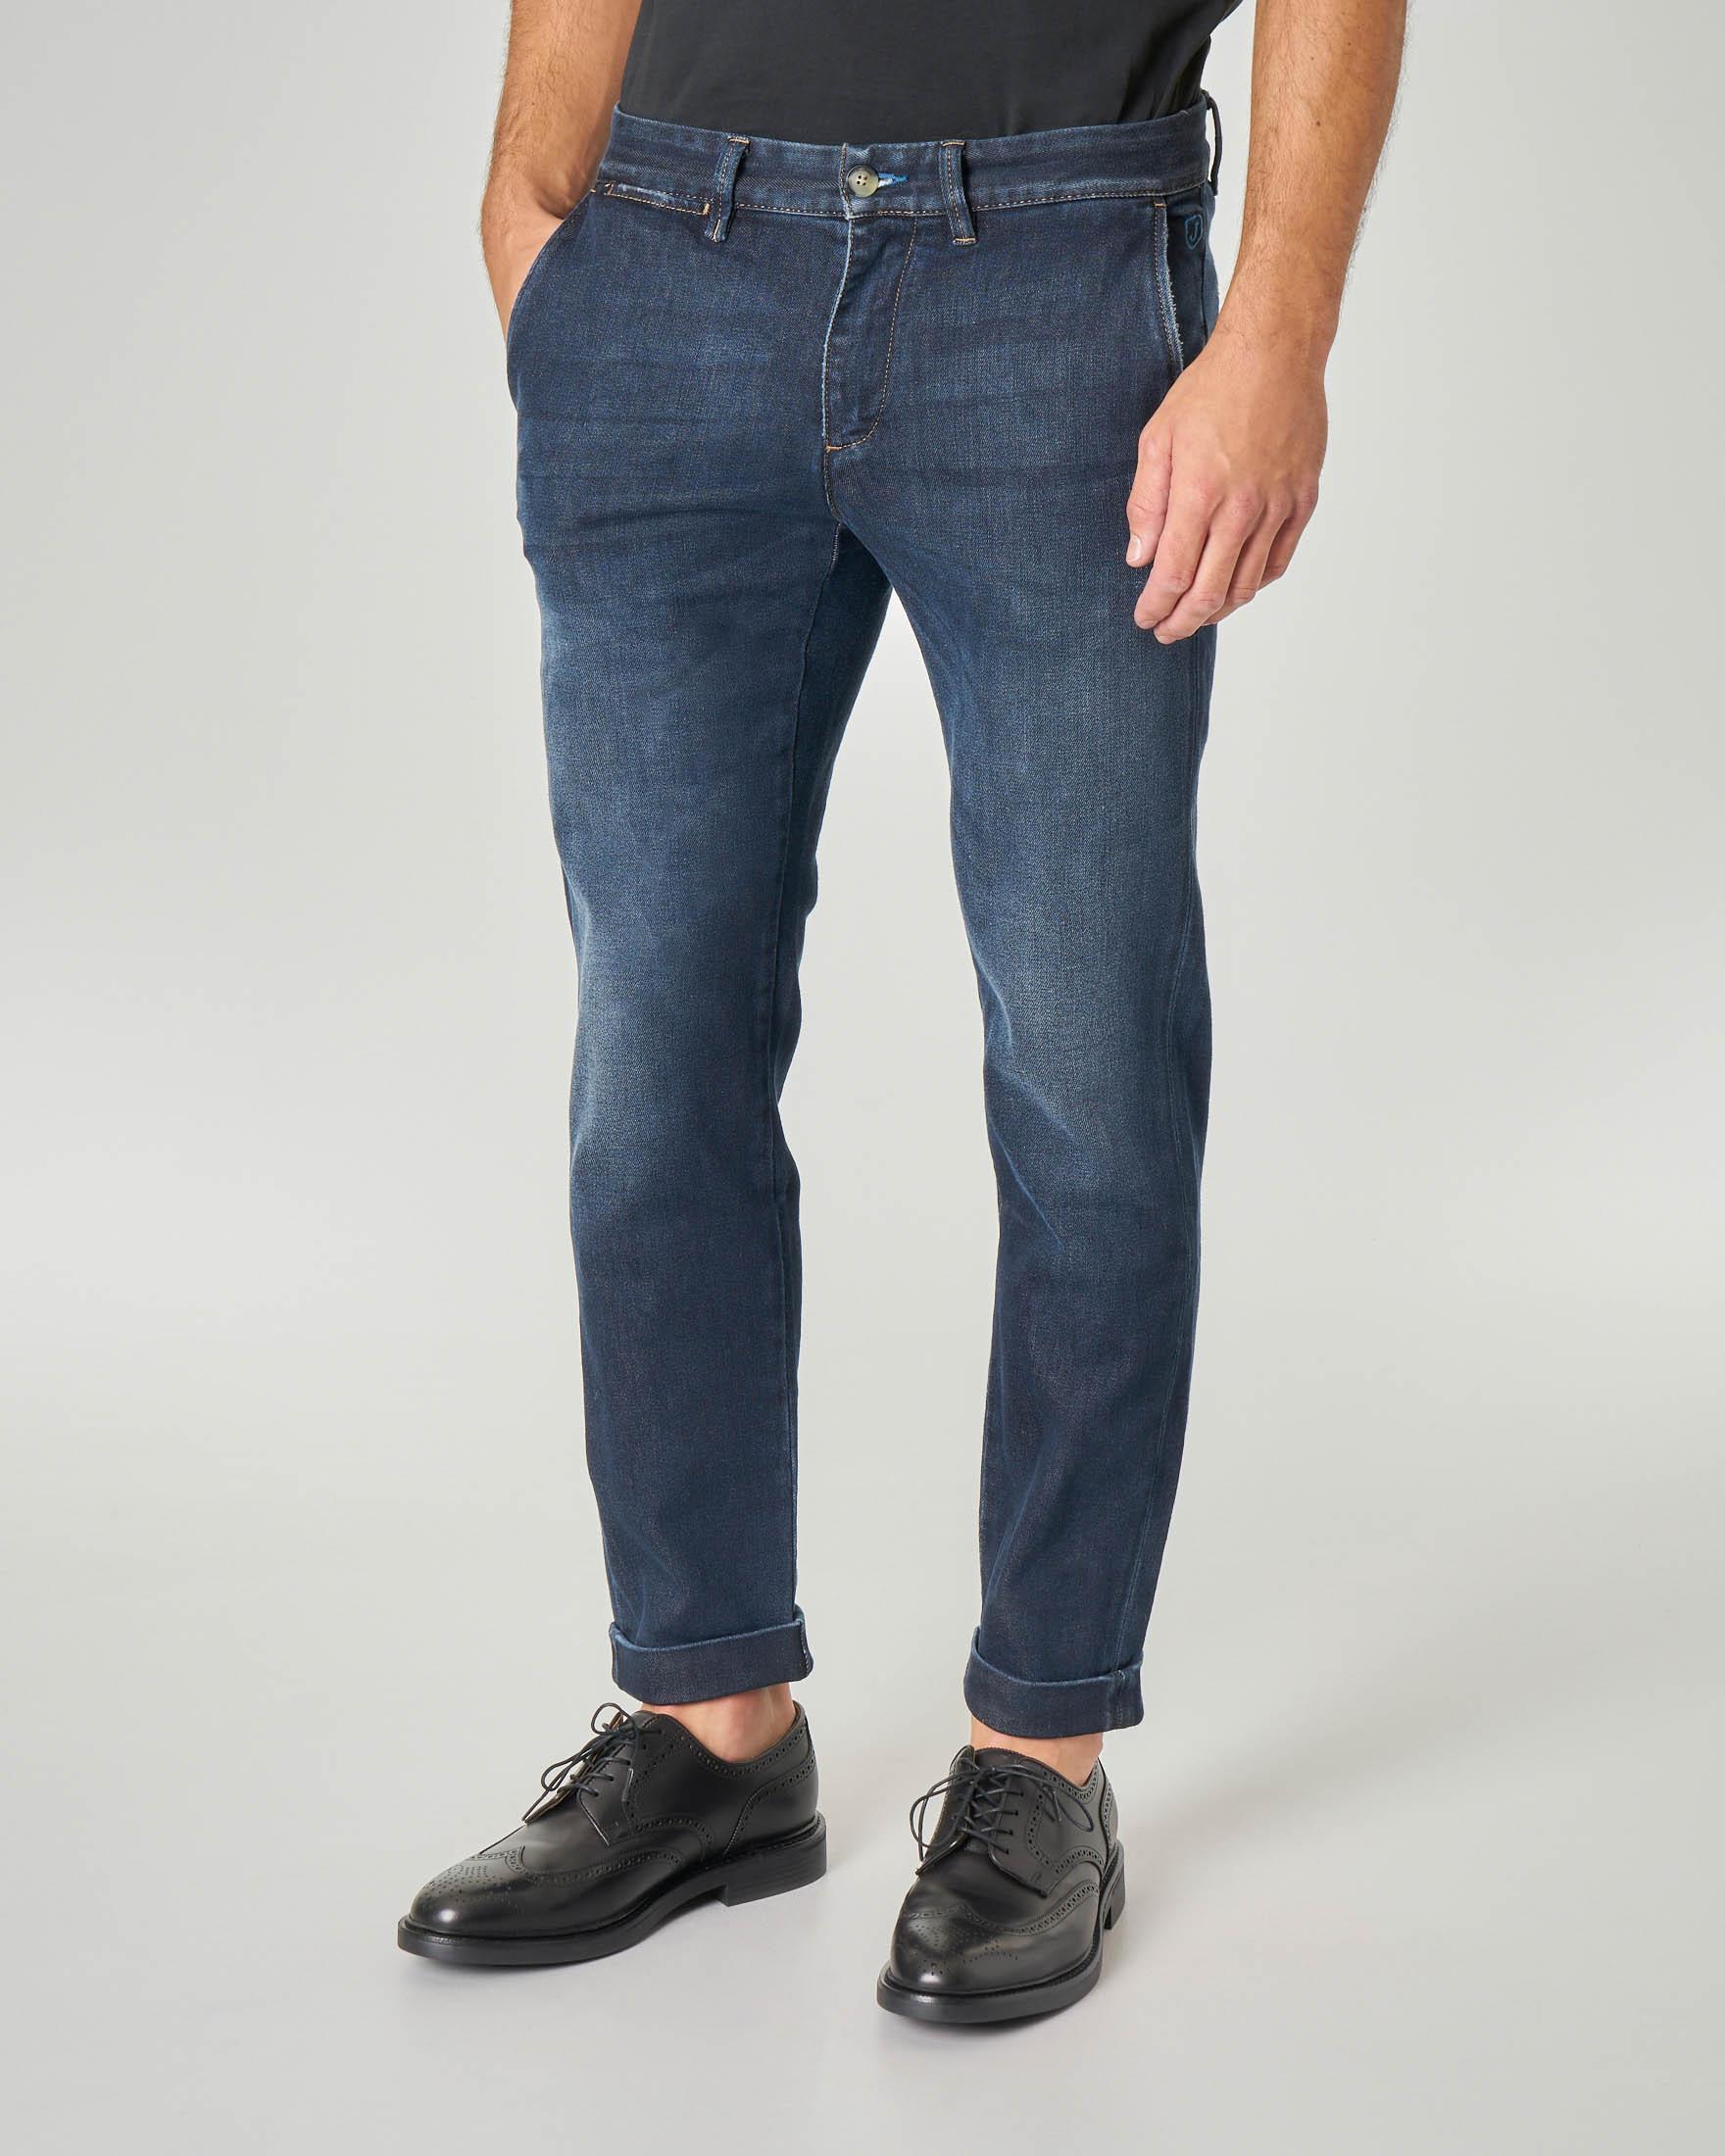 Jeans PA046 tasca america lavaggio blu scuro